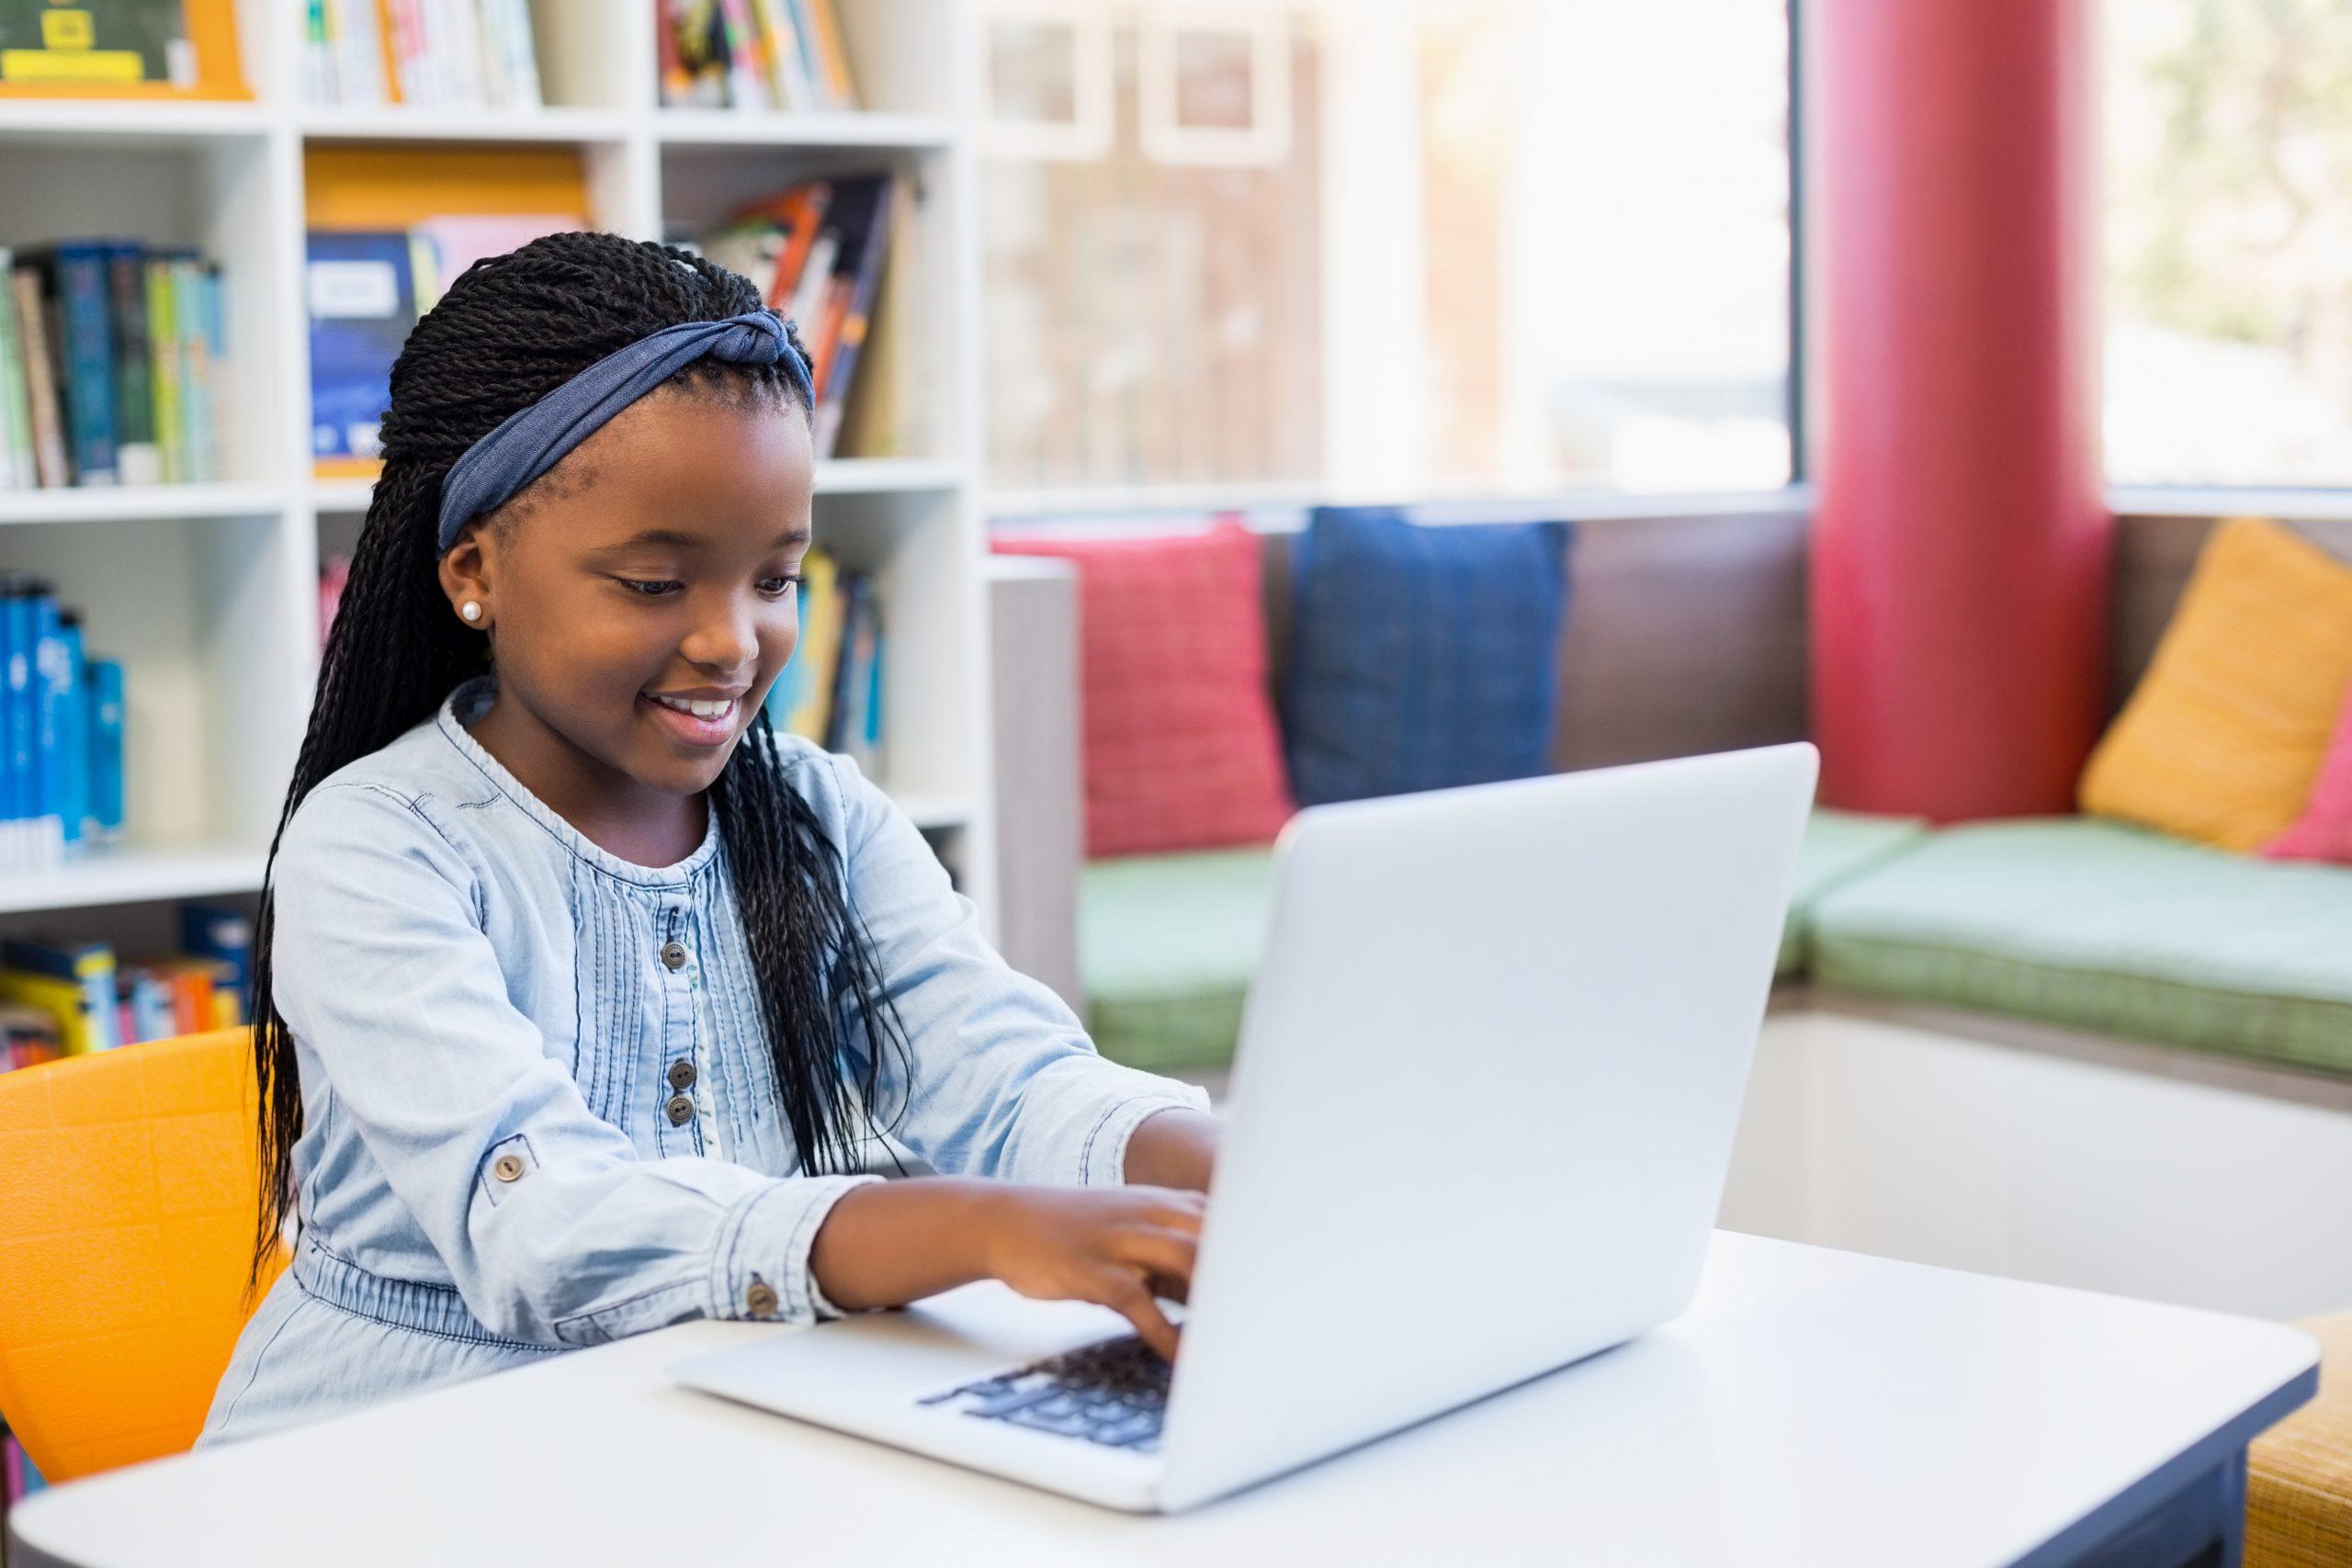 Schoolgirl,Using,Laptop,In,Library,At,School